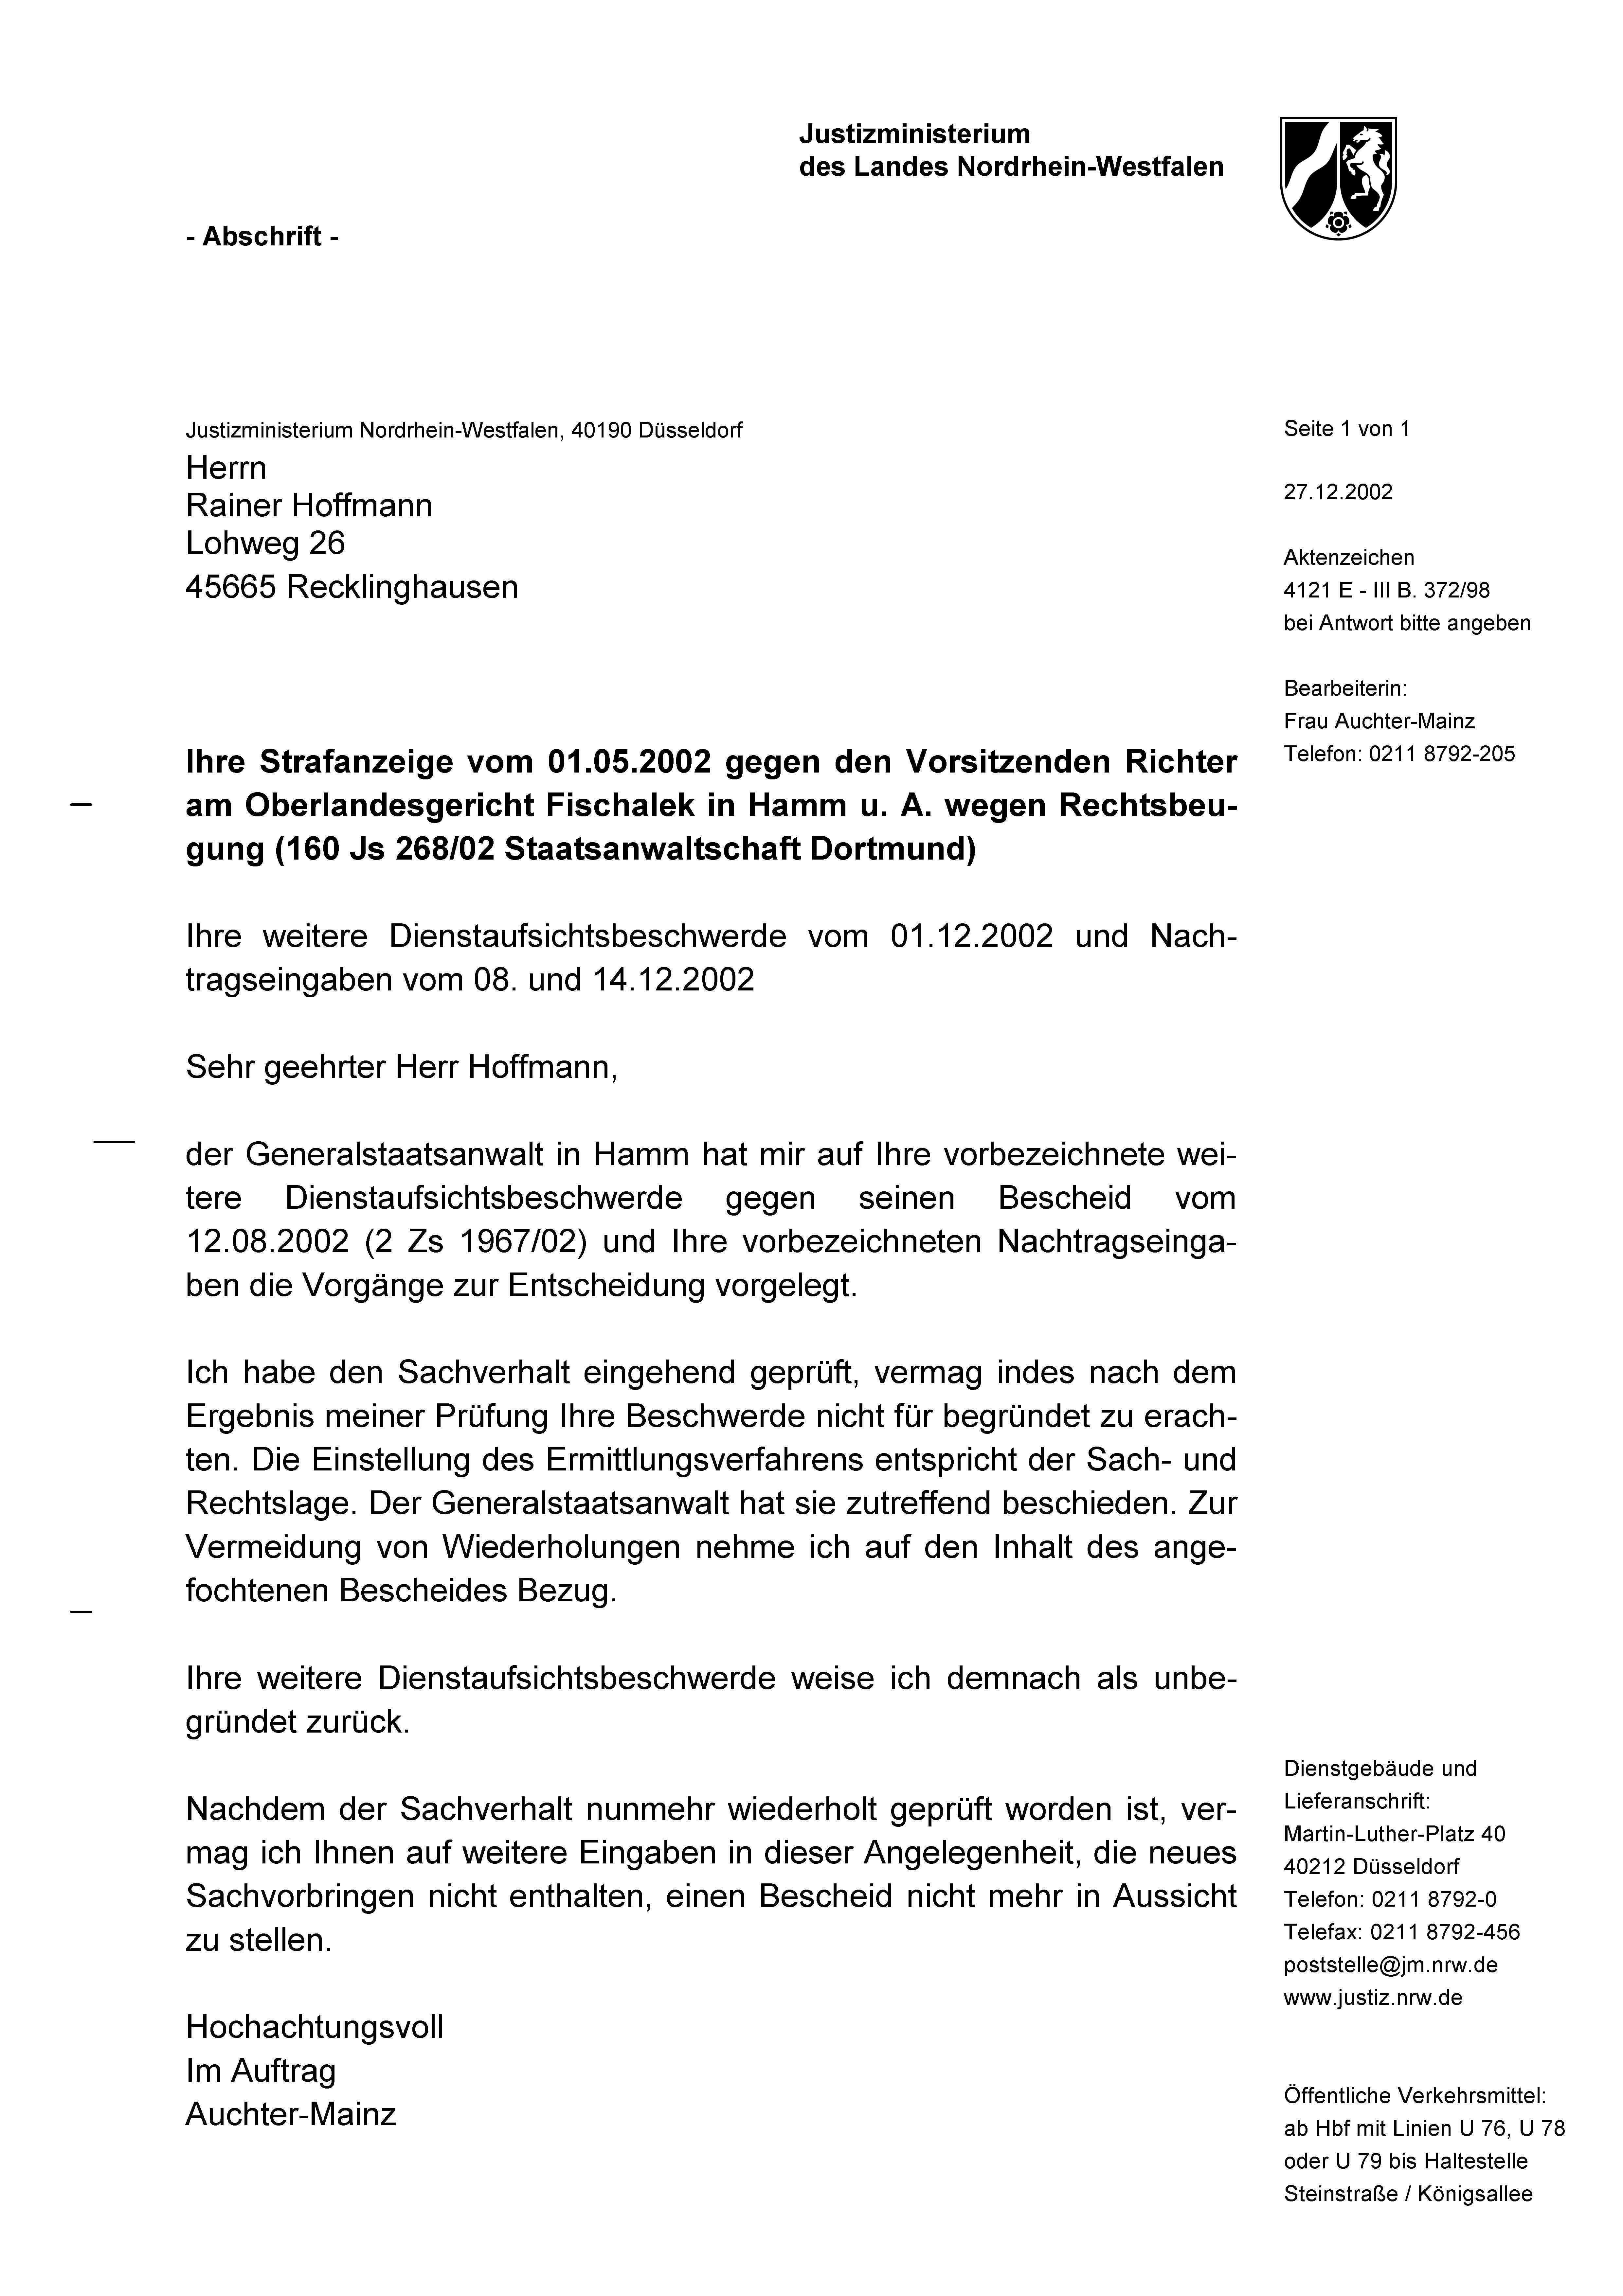 Nrw Justizministerium Bestatigt Rechtsanwalt Aus Recklinghausen Mit Richterprivileg Seit 2002 Straffrei Gestellt Solarkritik De Die Geheimakte Hoffmann